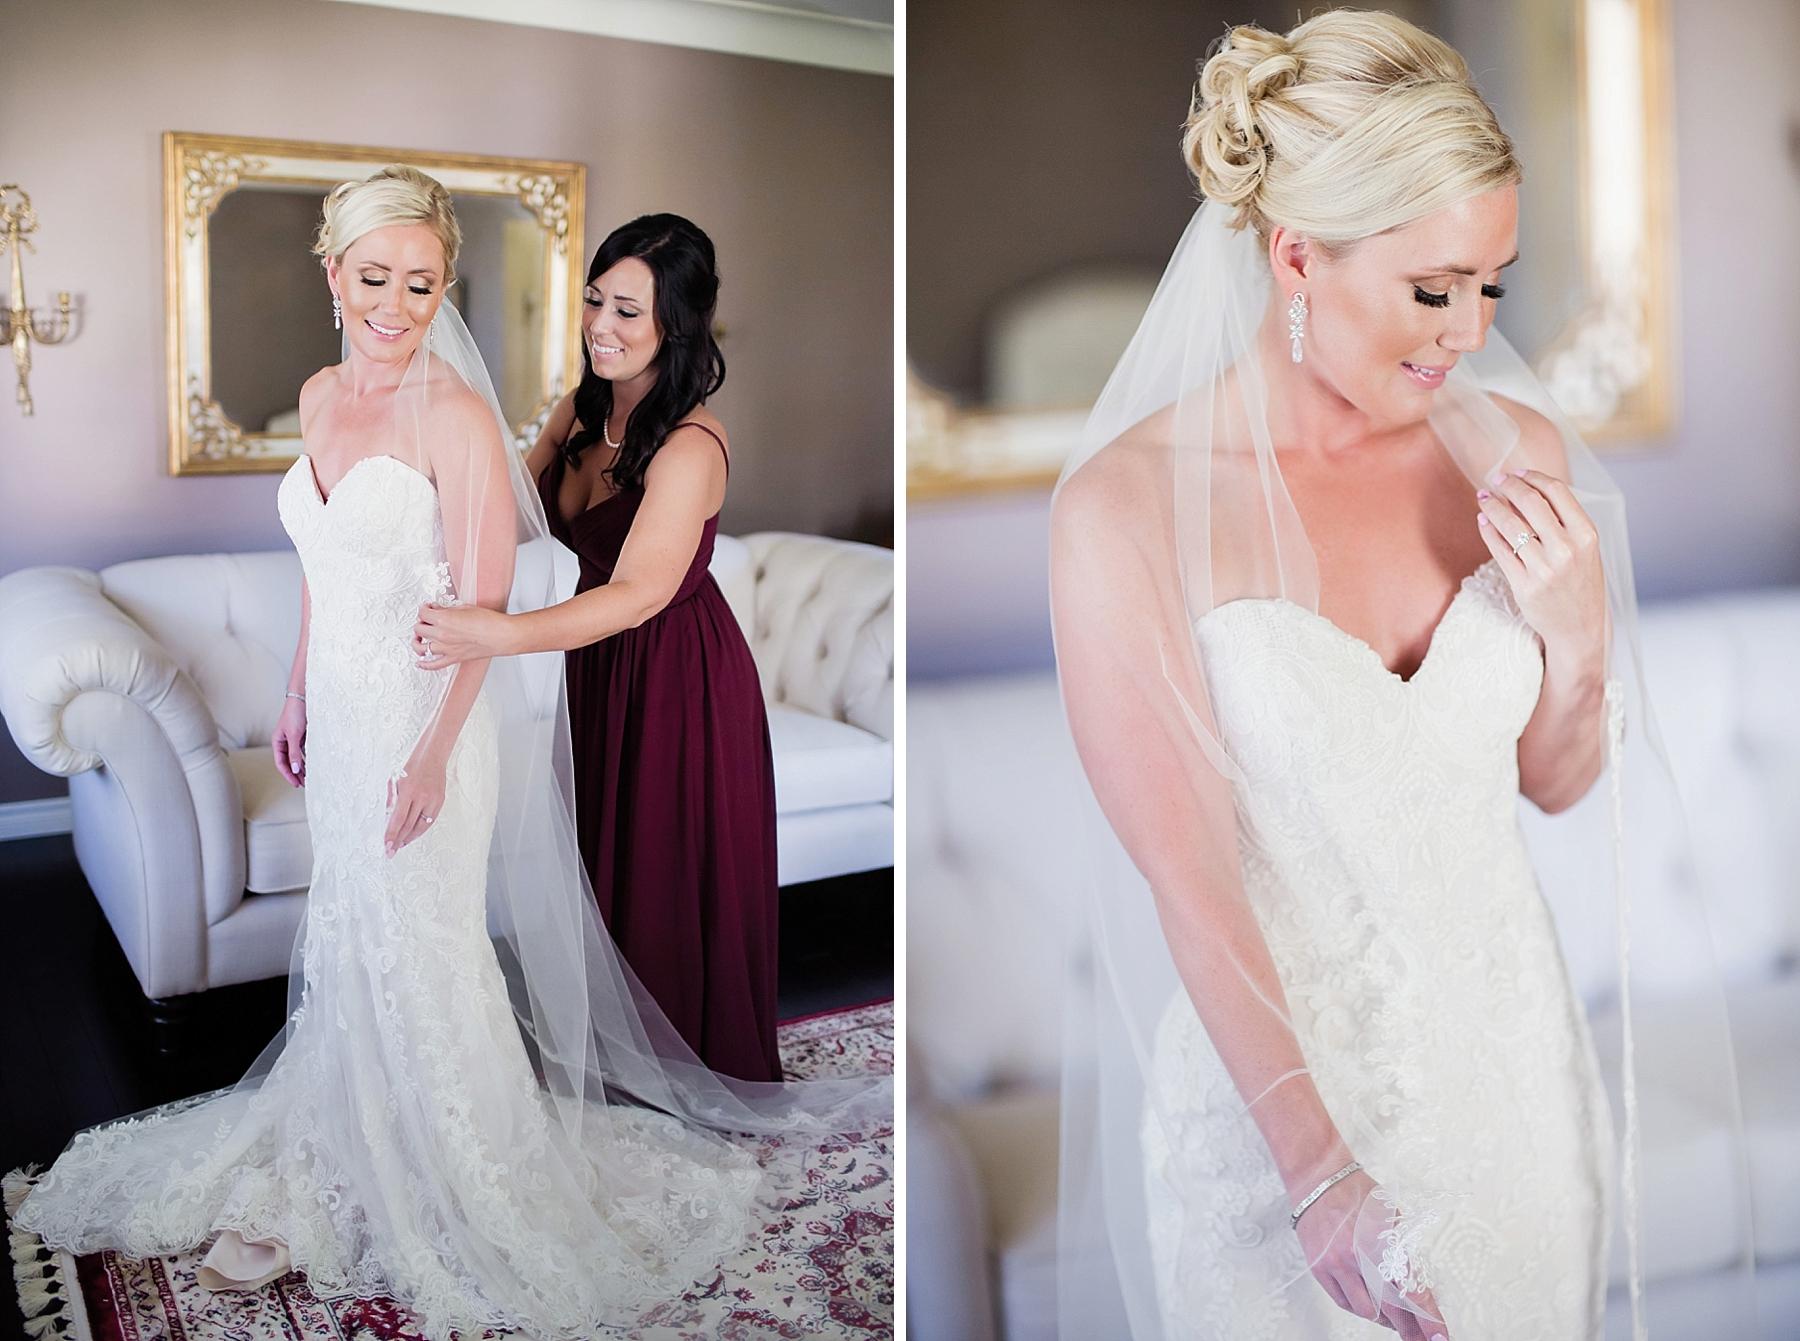 windsor-wedding-photographer-essex-golf-country-club-wedding-eryn-shea-photography_0016.jpg